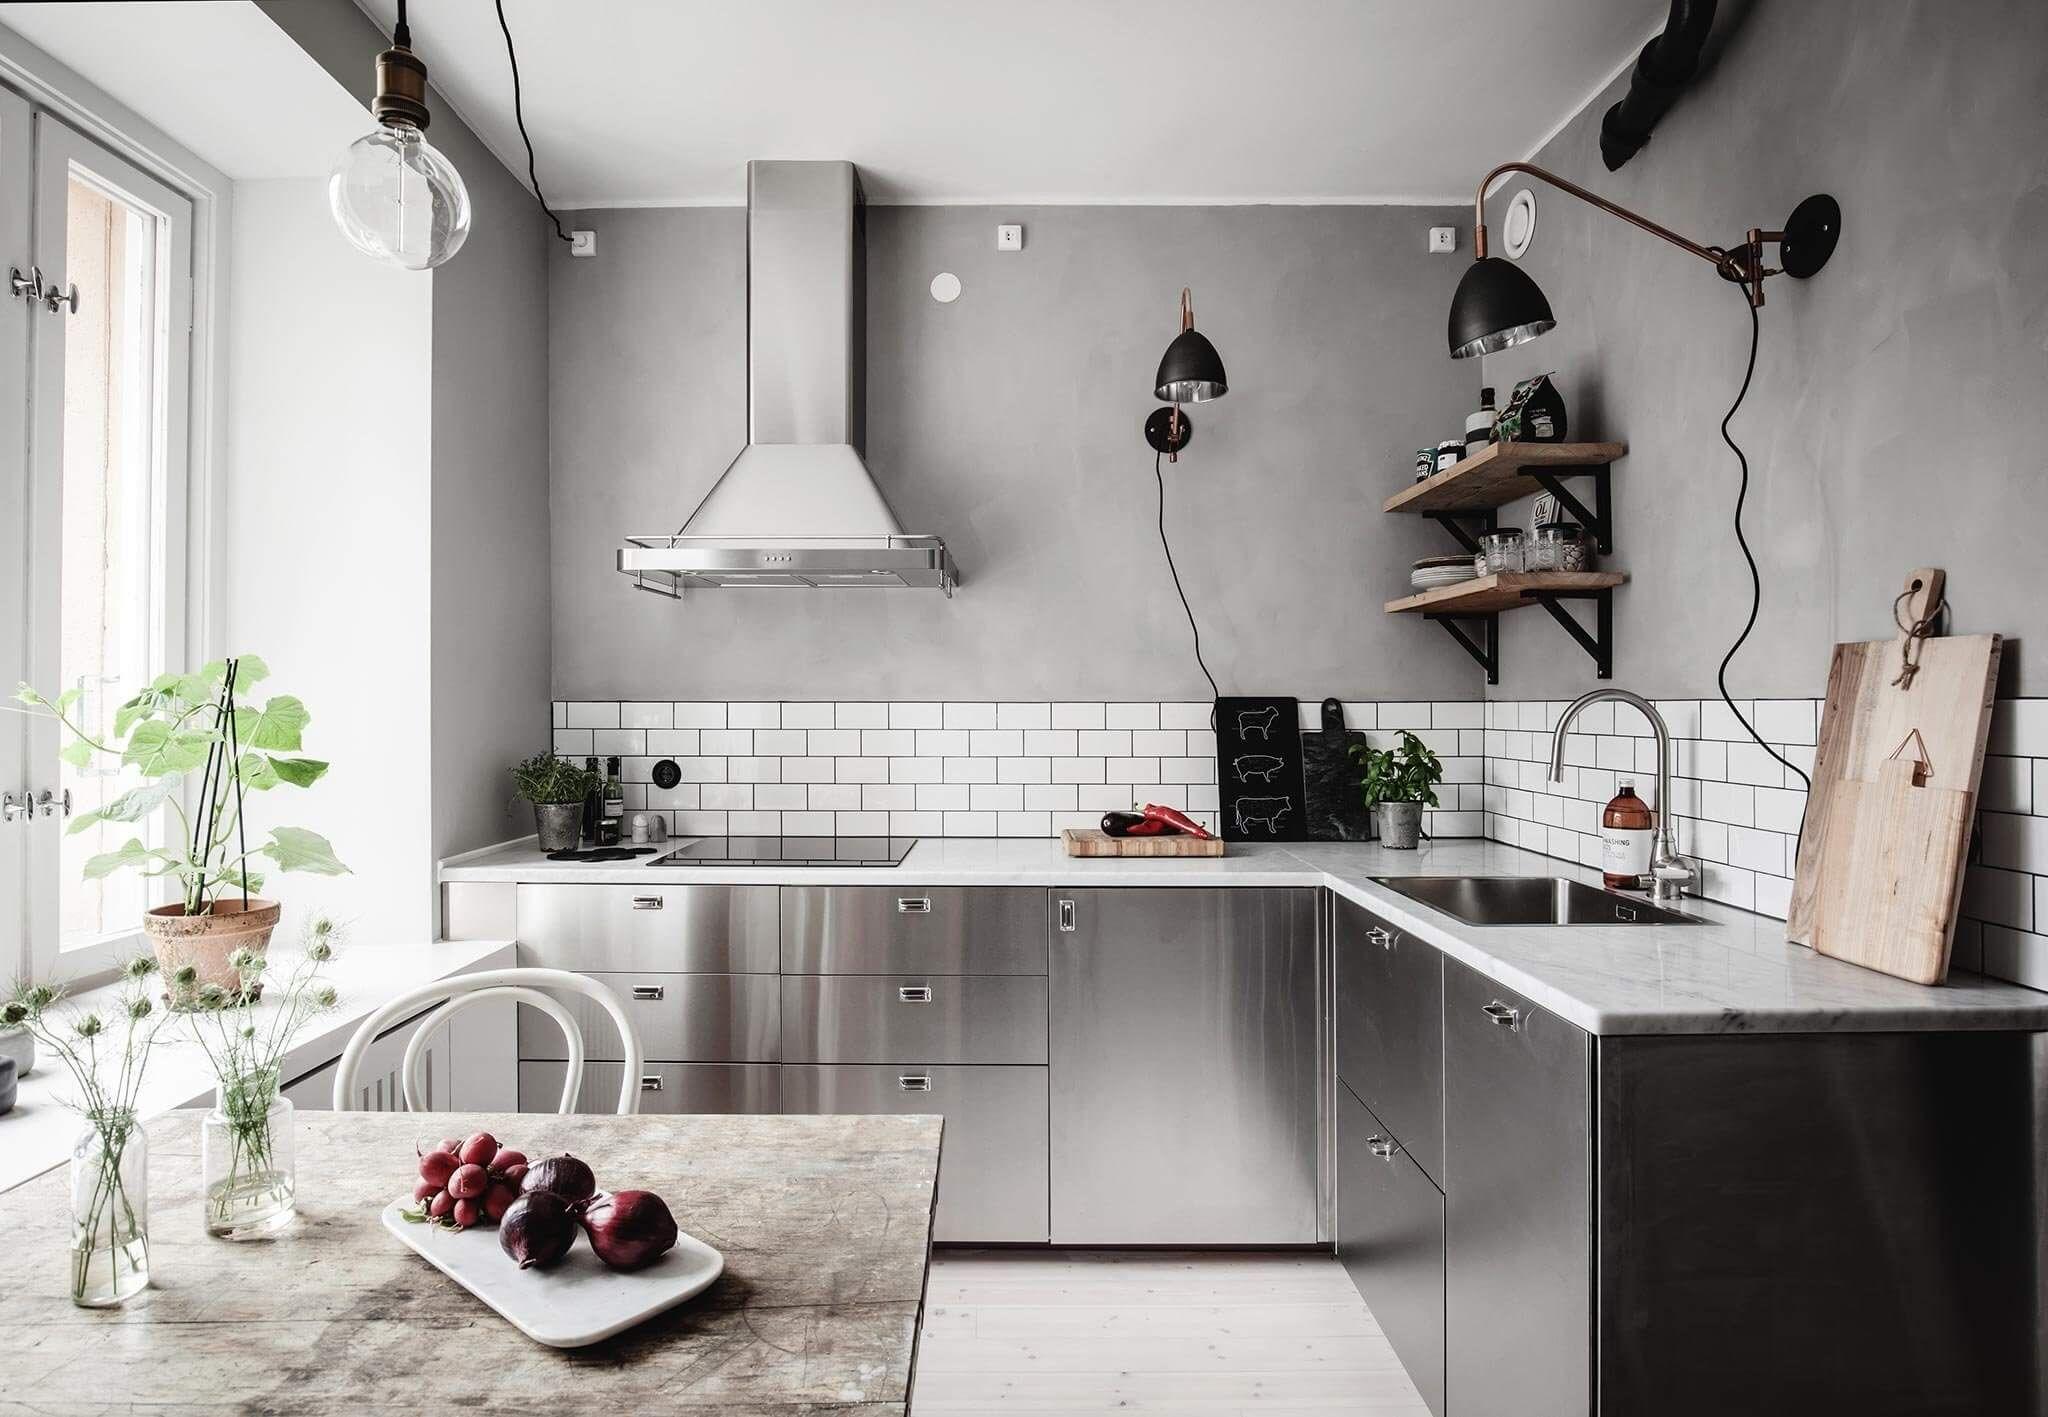 Nesta cozinha escandinava o inox se incorpora ao cimento queimado e tampos de mármore para trazer mais aconchego.